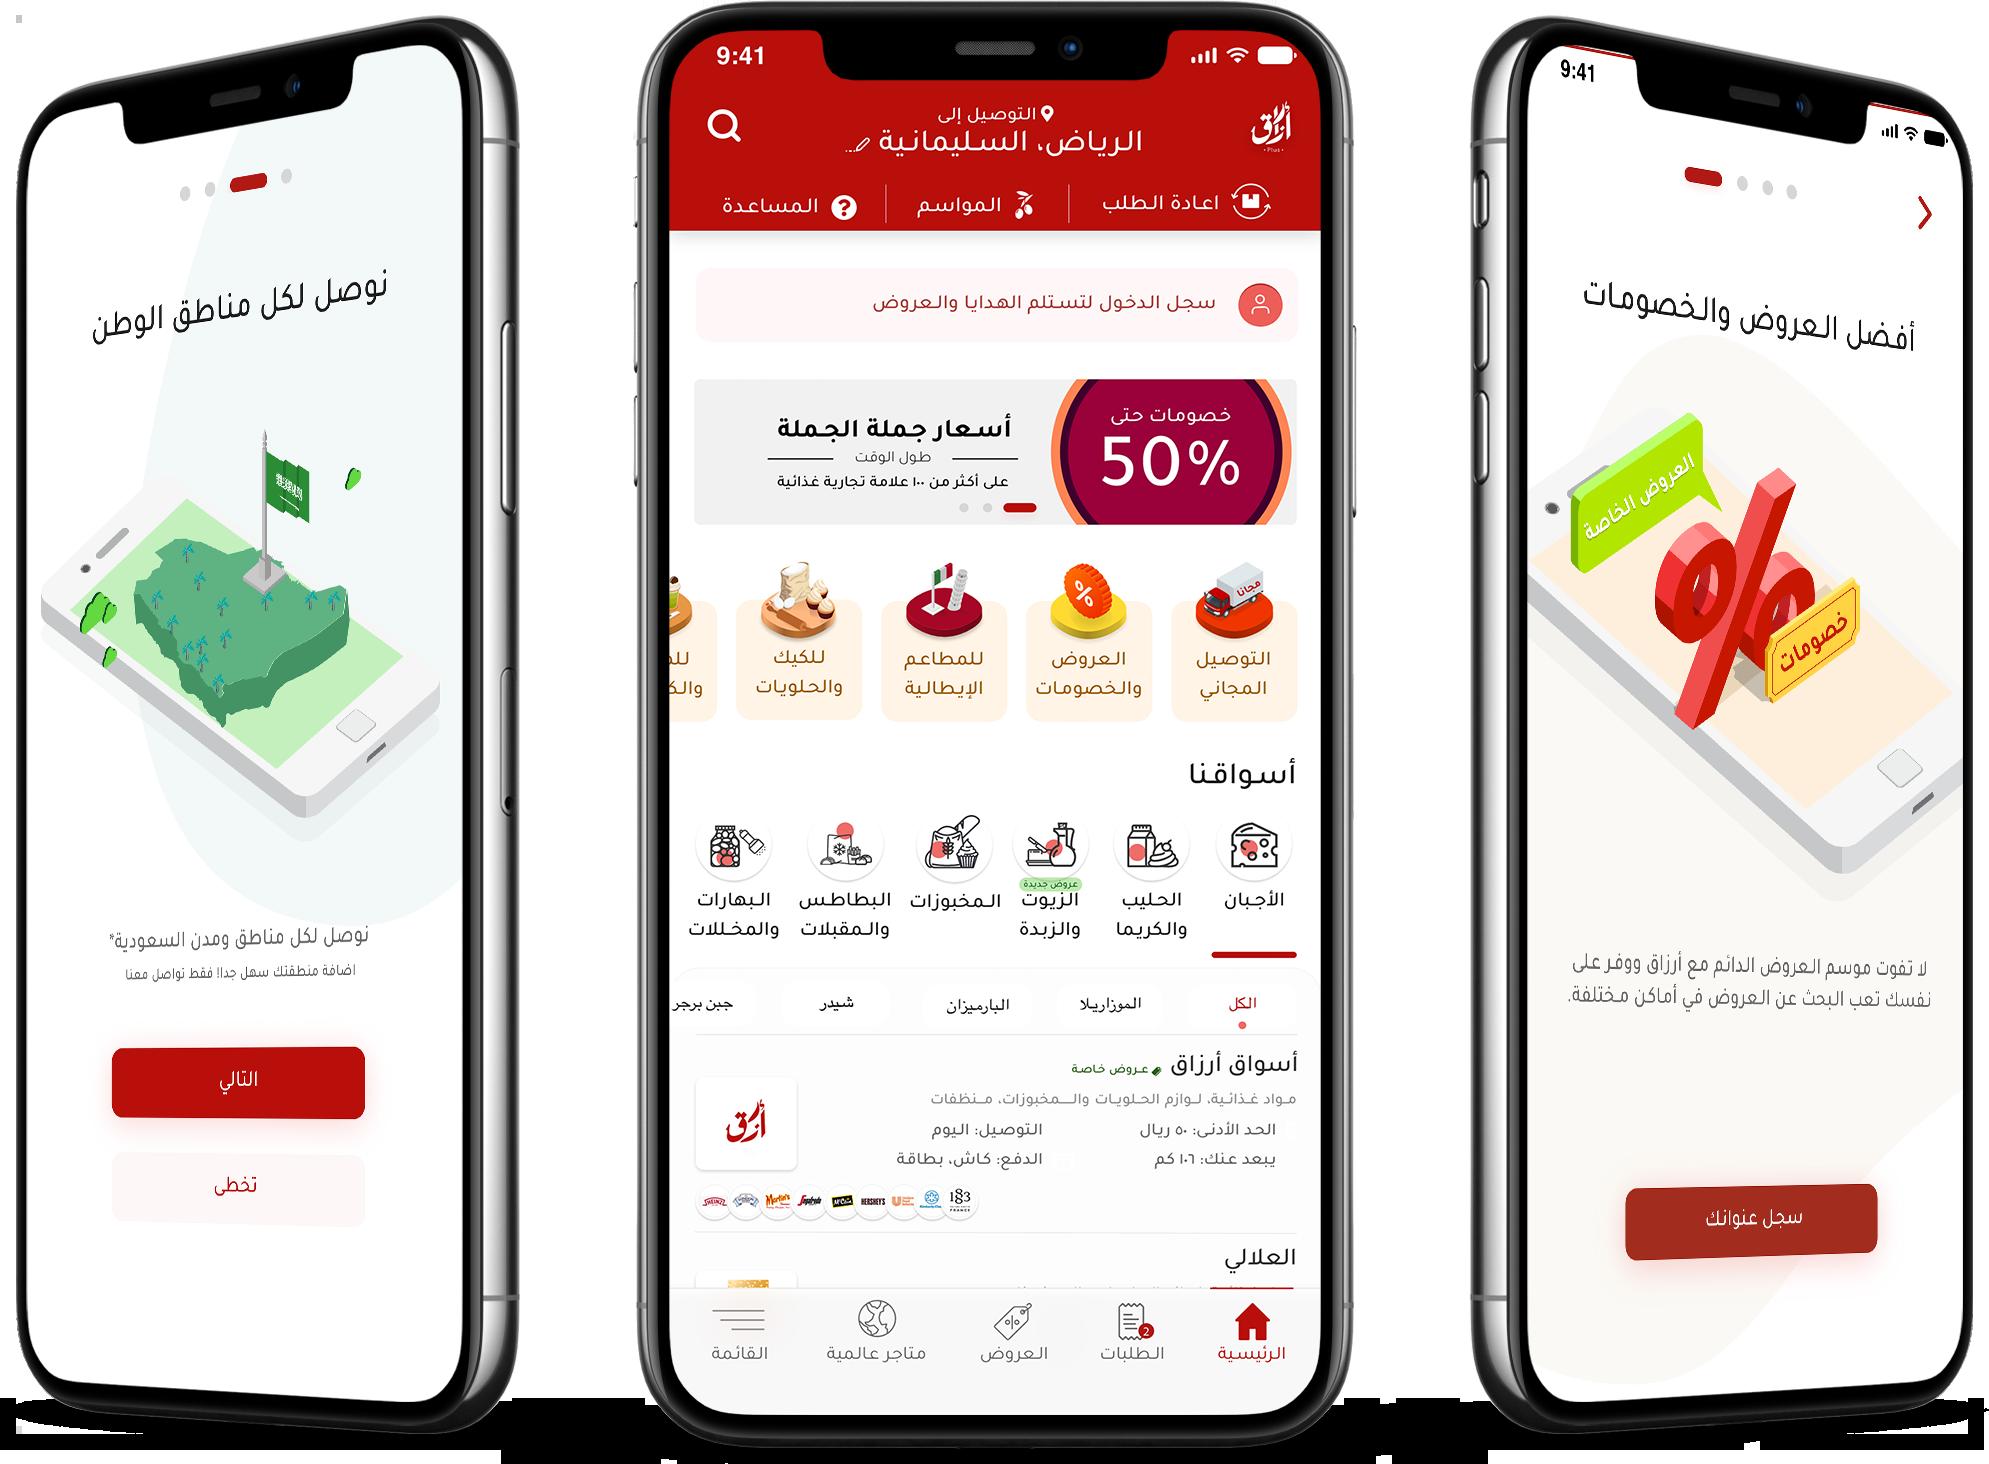 التصميم الخاص بتطبيق ارزاق لمساعدة المشاريع الغذائية الناشئة